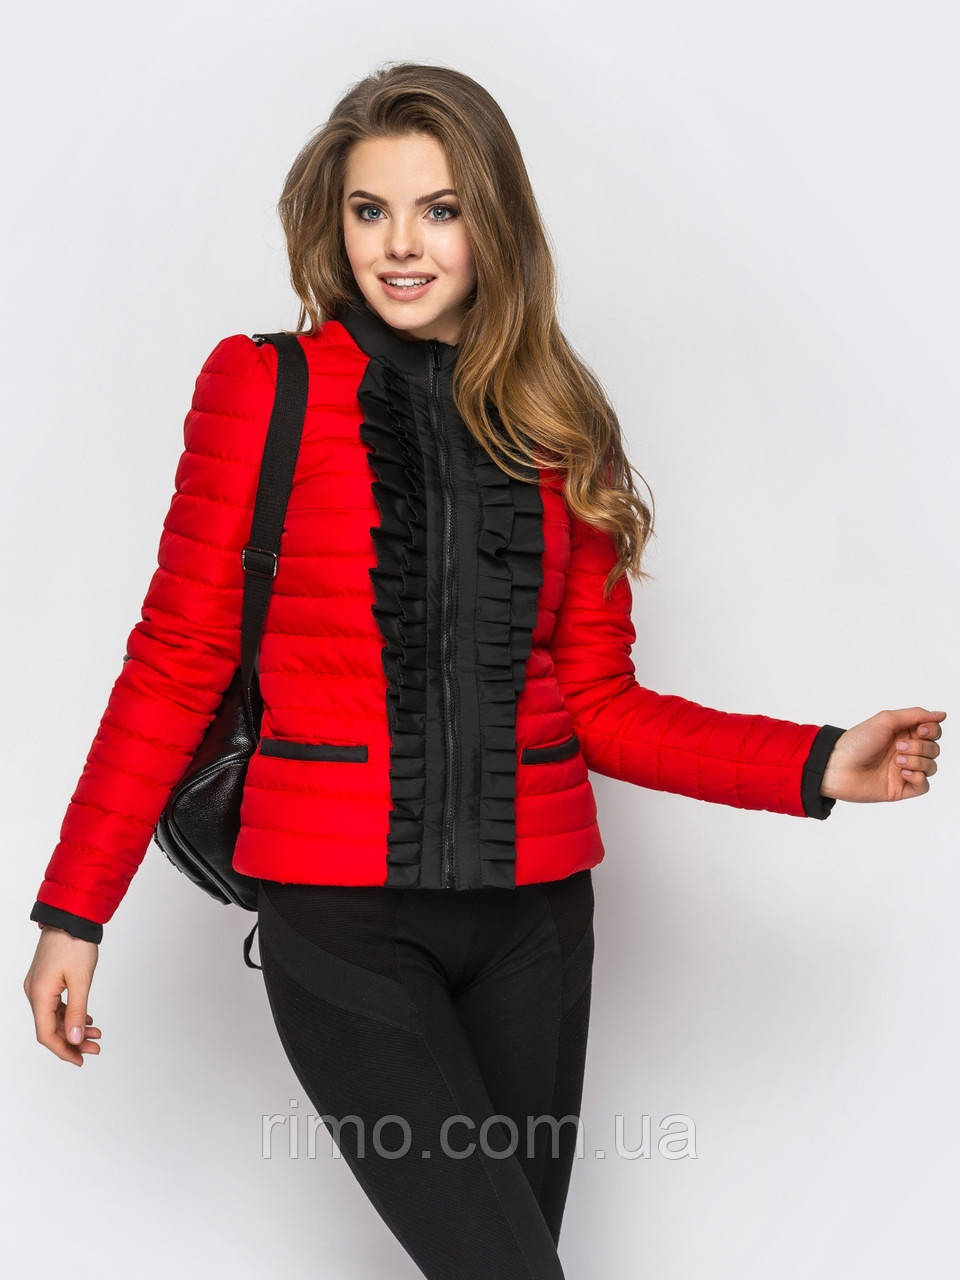 Куртка демисезонная женская Рюша (9 цветов)